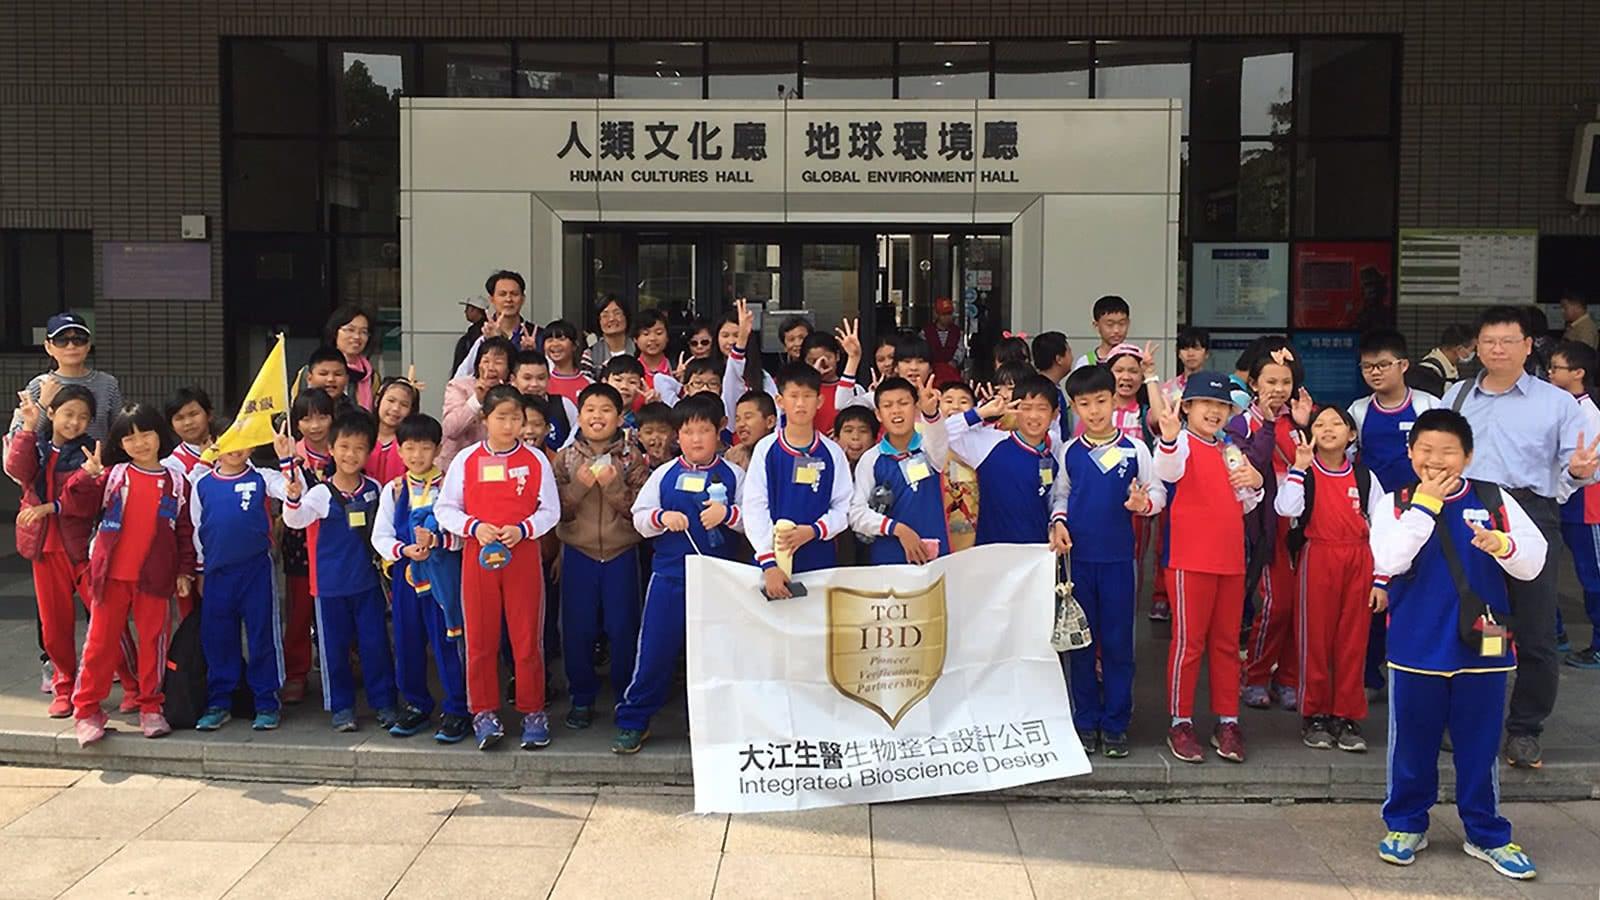 2017年 TCI 大江生医 台中人文科学营 侨智国小